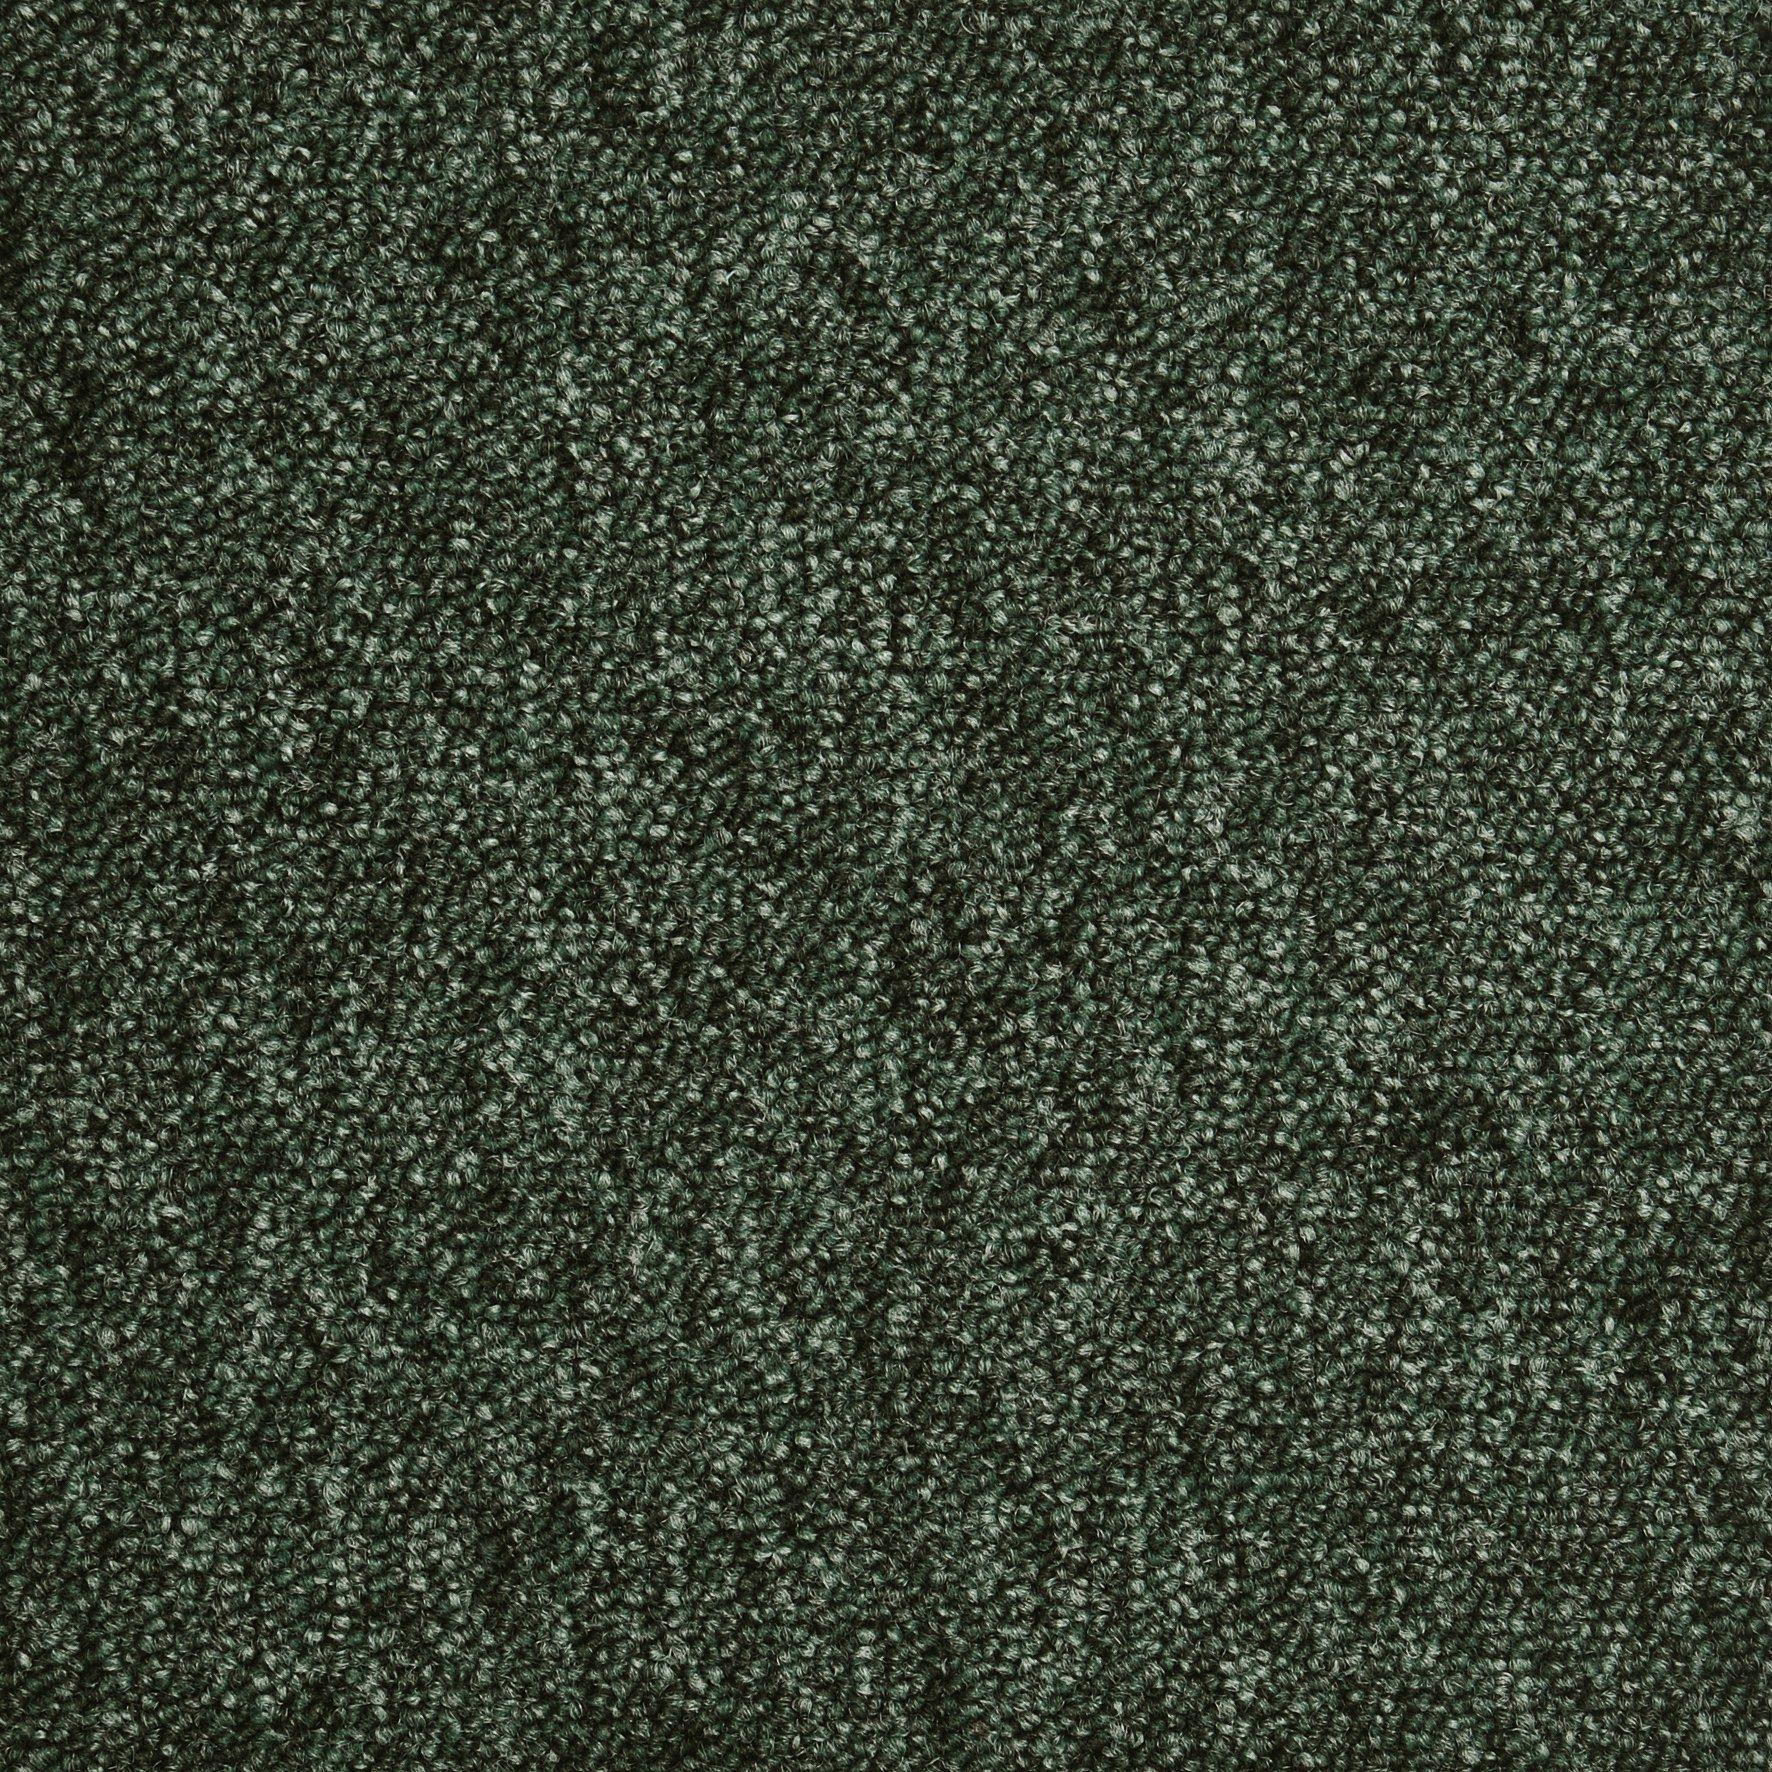 Teppichfliese »Austin grün«, 4 Stück (1 m²), selbstliegend